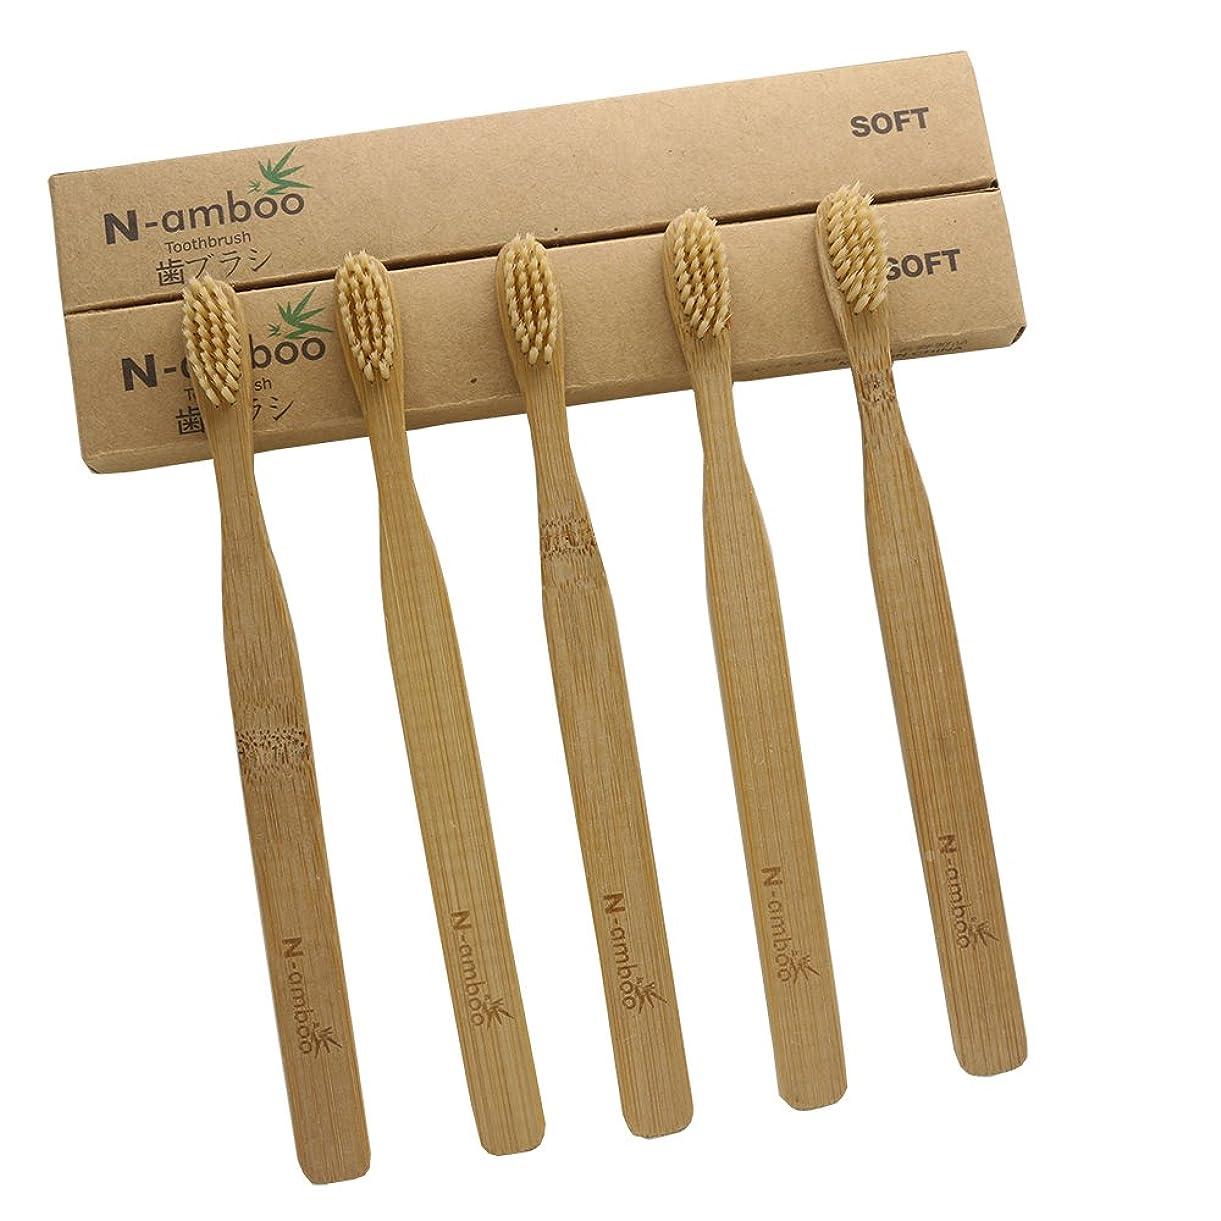 ますます宿命合併症N-amboo 竹製 歯ブラシ 高耐久性 セット エコ ハンドル大きめ ベージュ (5本)